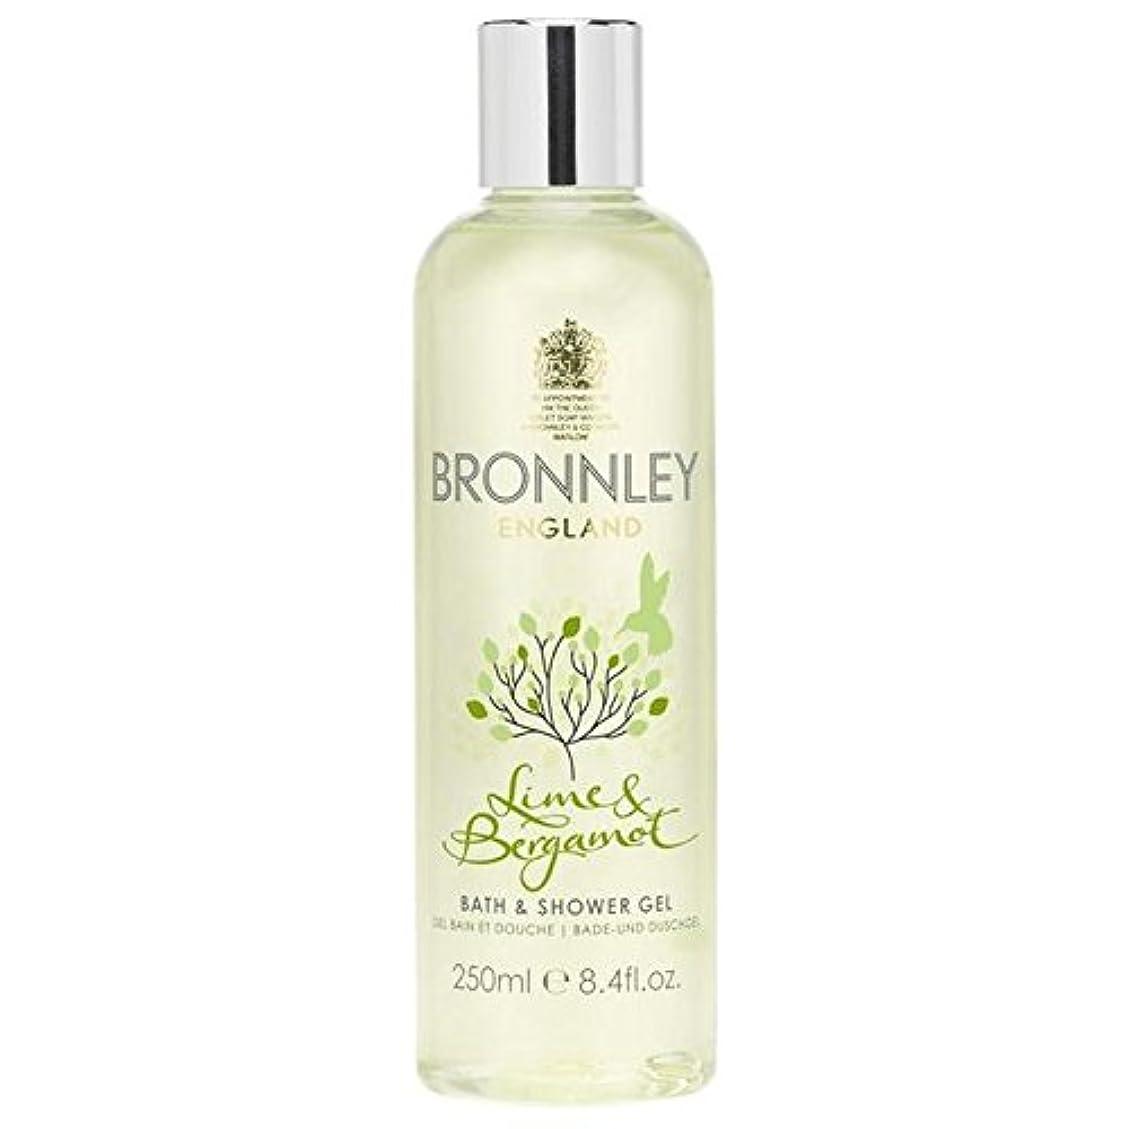 ストリップ波紋このライム&ベルガモットバス&シャワージェル250ミリリットル x2 - Bronnley Lime & Bergamot Bath & Shower Gel 250ml (Pack of 2) [並行輸入品]